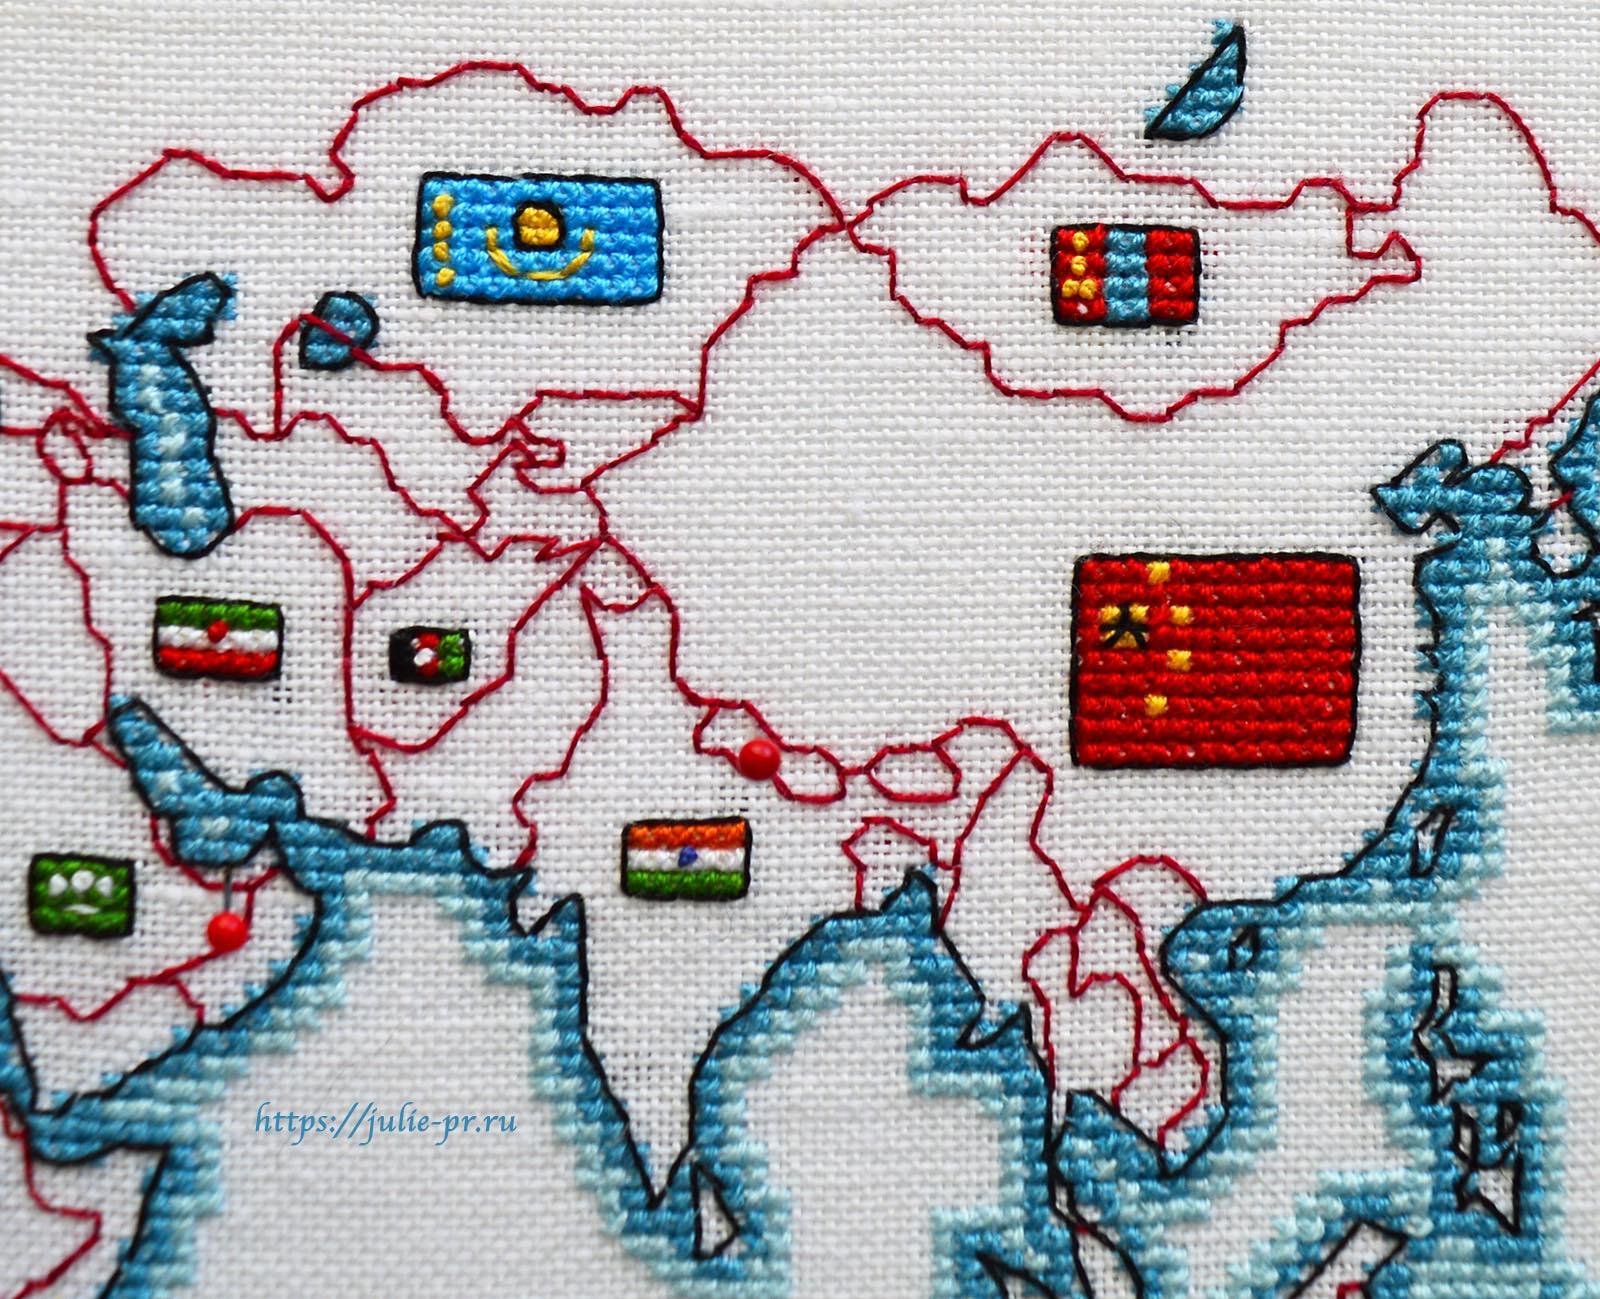 Вышивка крестом DMC K3413 DMC K3413 - Oceania collection, Карта мира. Азия